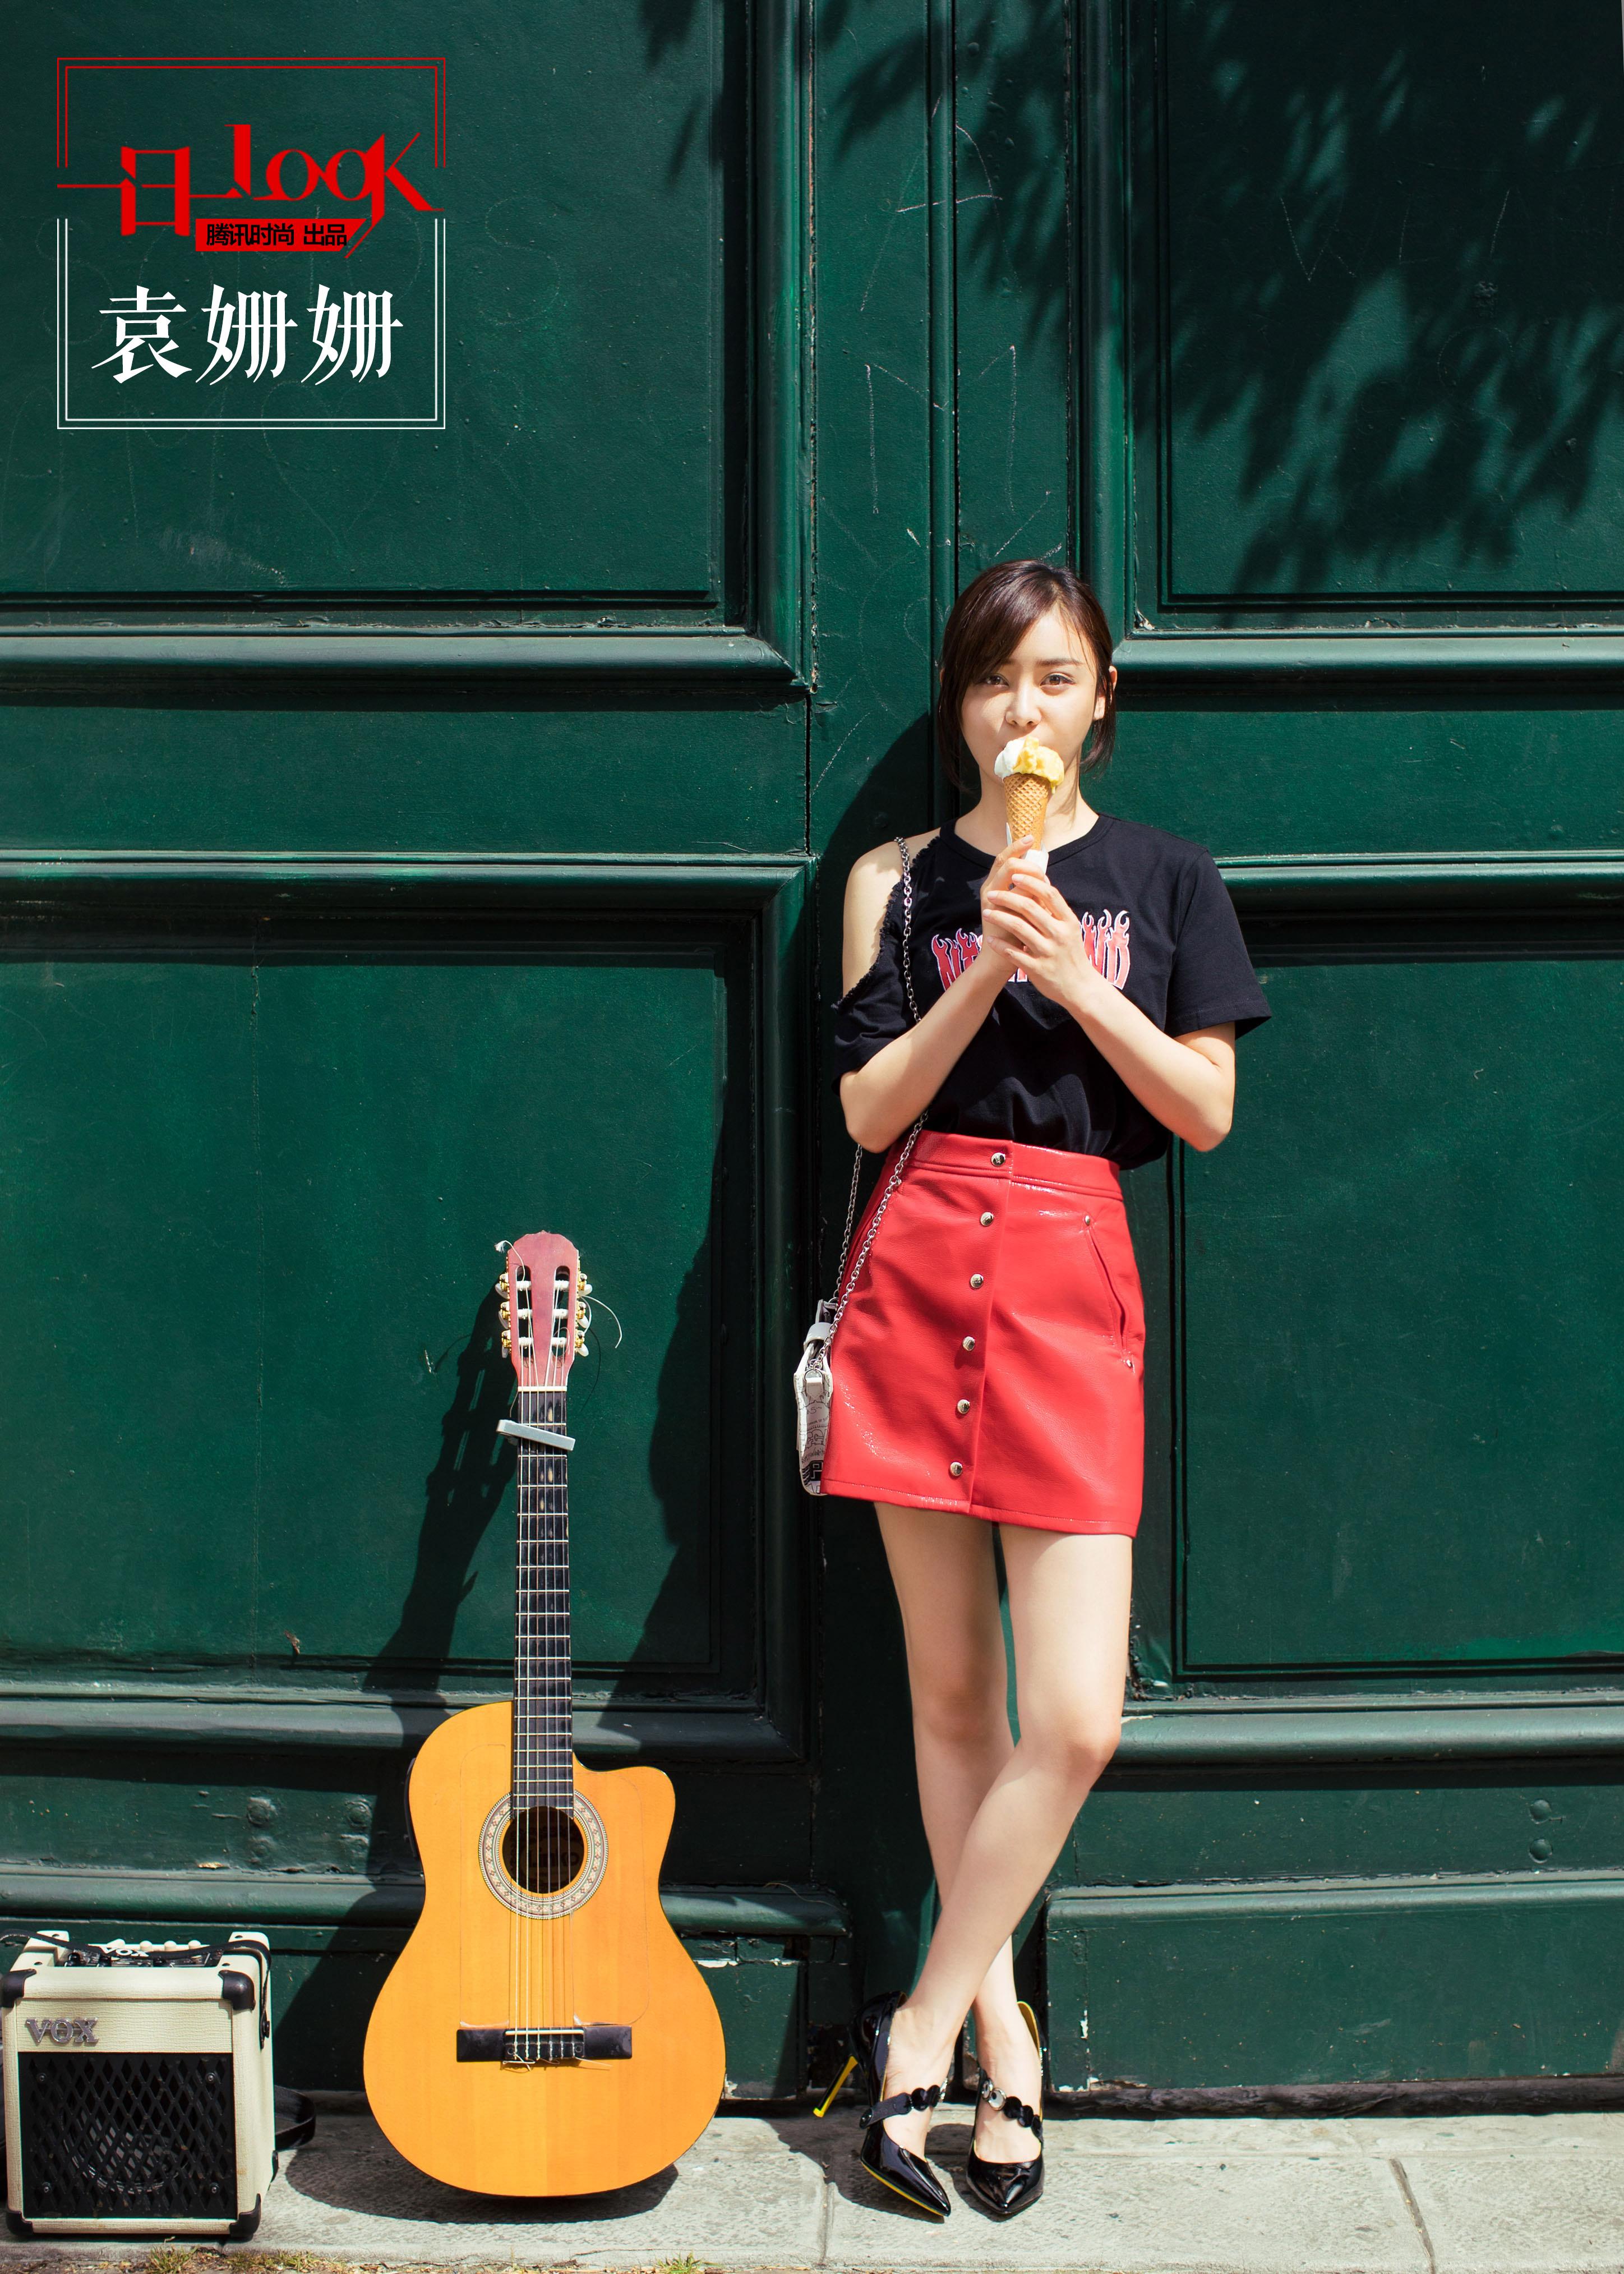 袁姗姗在巴黎街头散发甜美气息